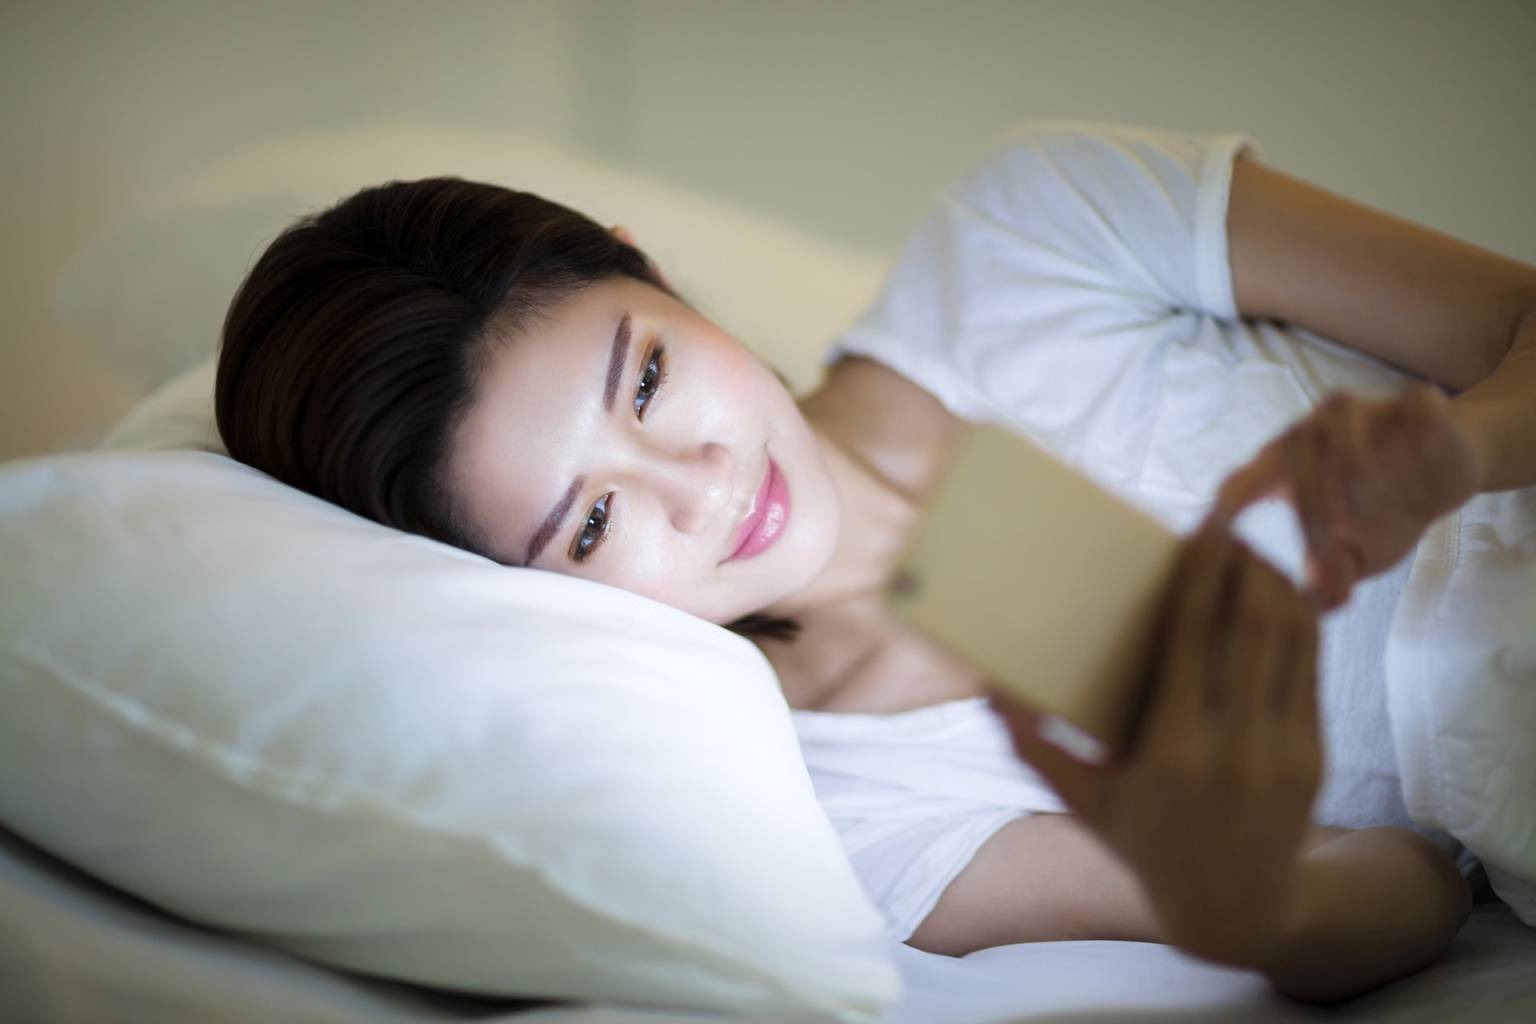 Jak niebieskie światło w ekranach urządzeń elektronicznych wpływa na nasze zdrowie? Kobieta przegląda wiadomości na smartfonie, leżąc wieczorem w łóżku.